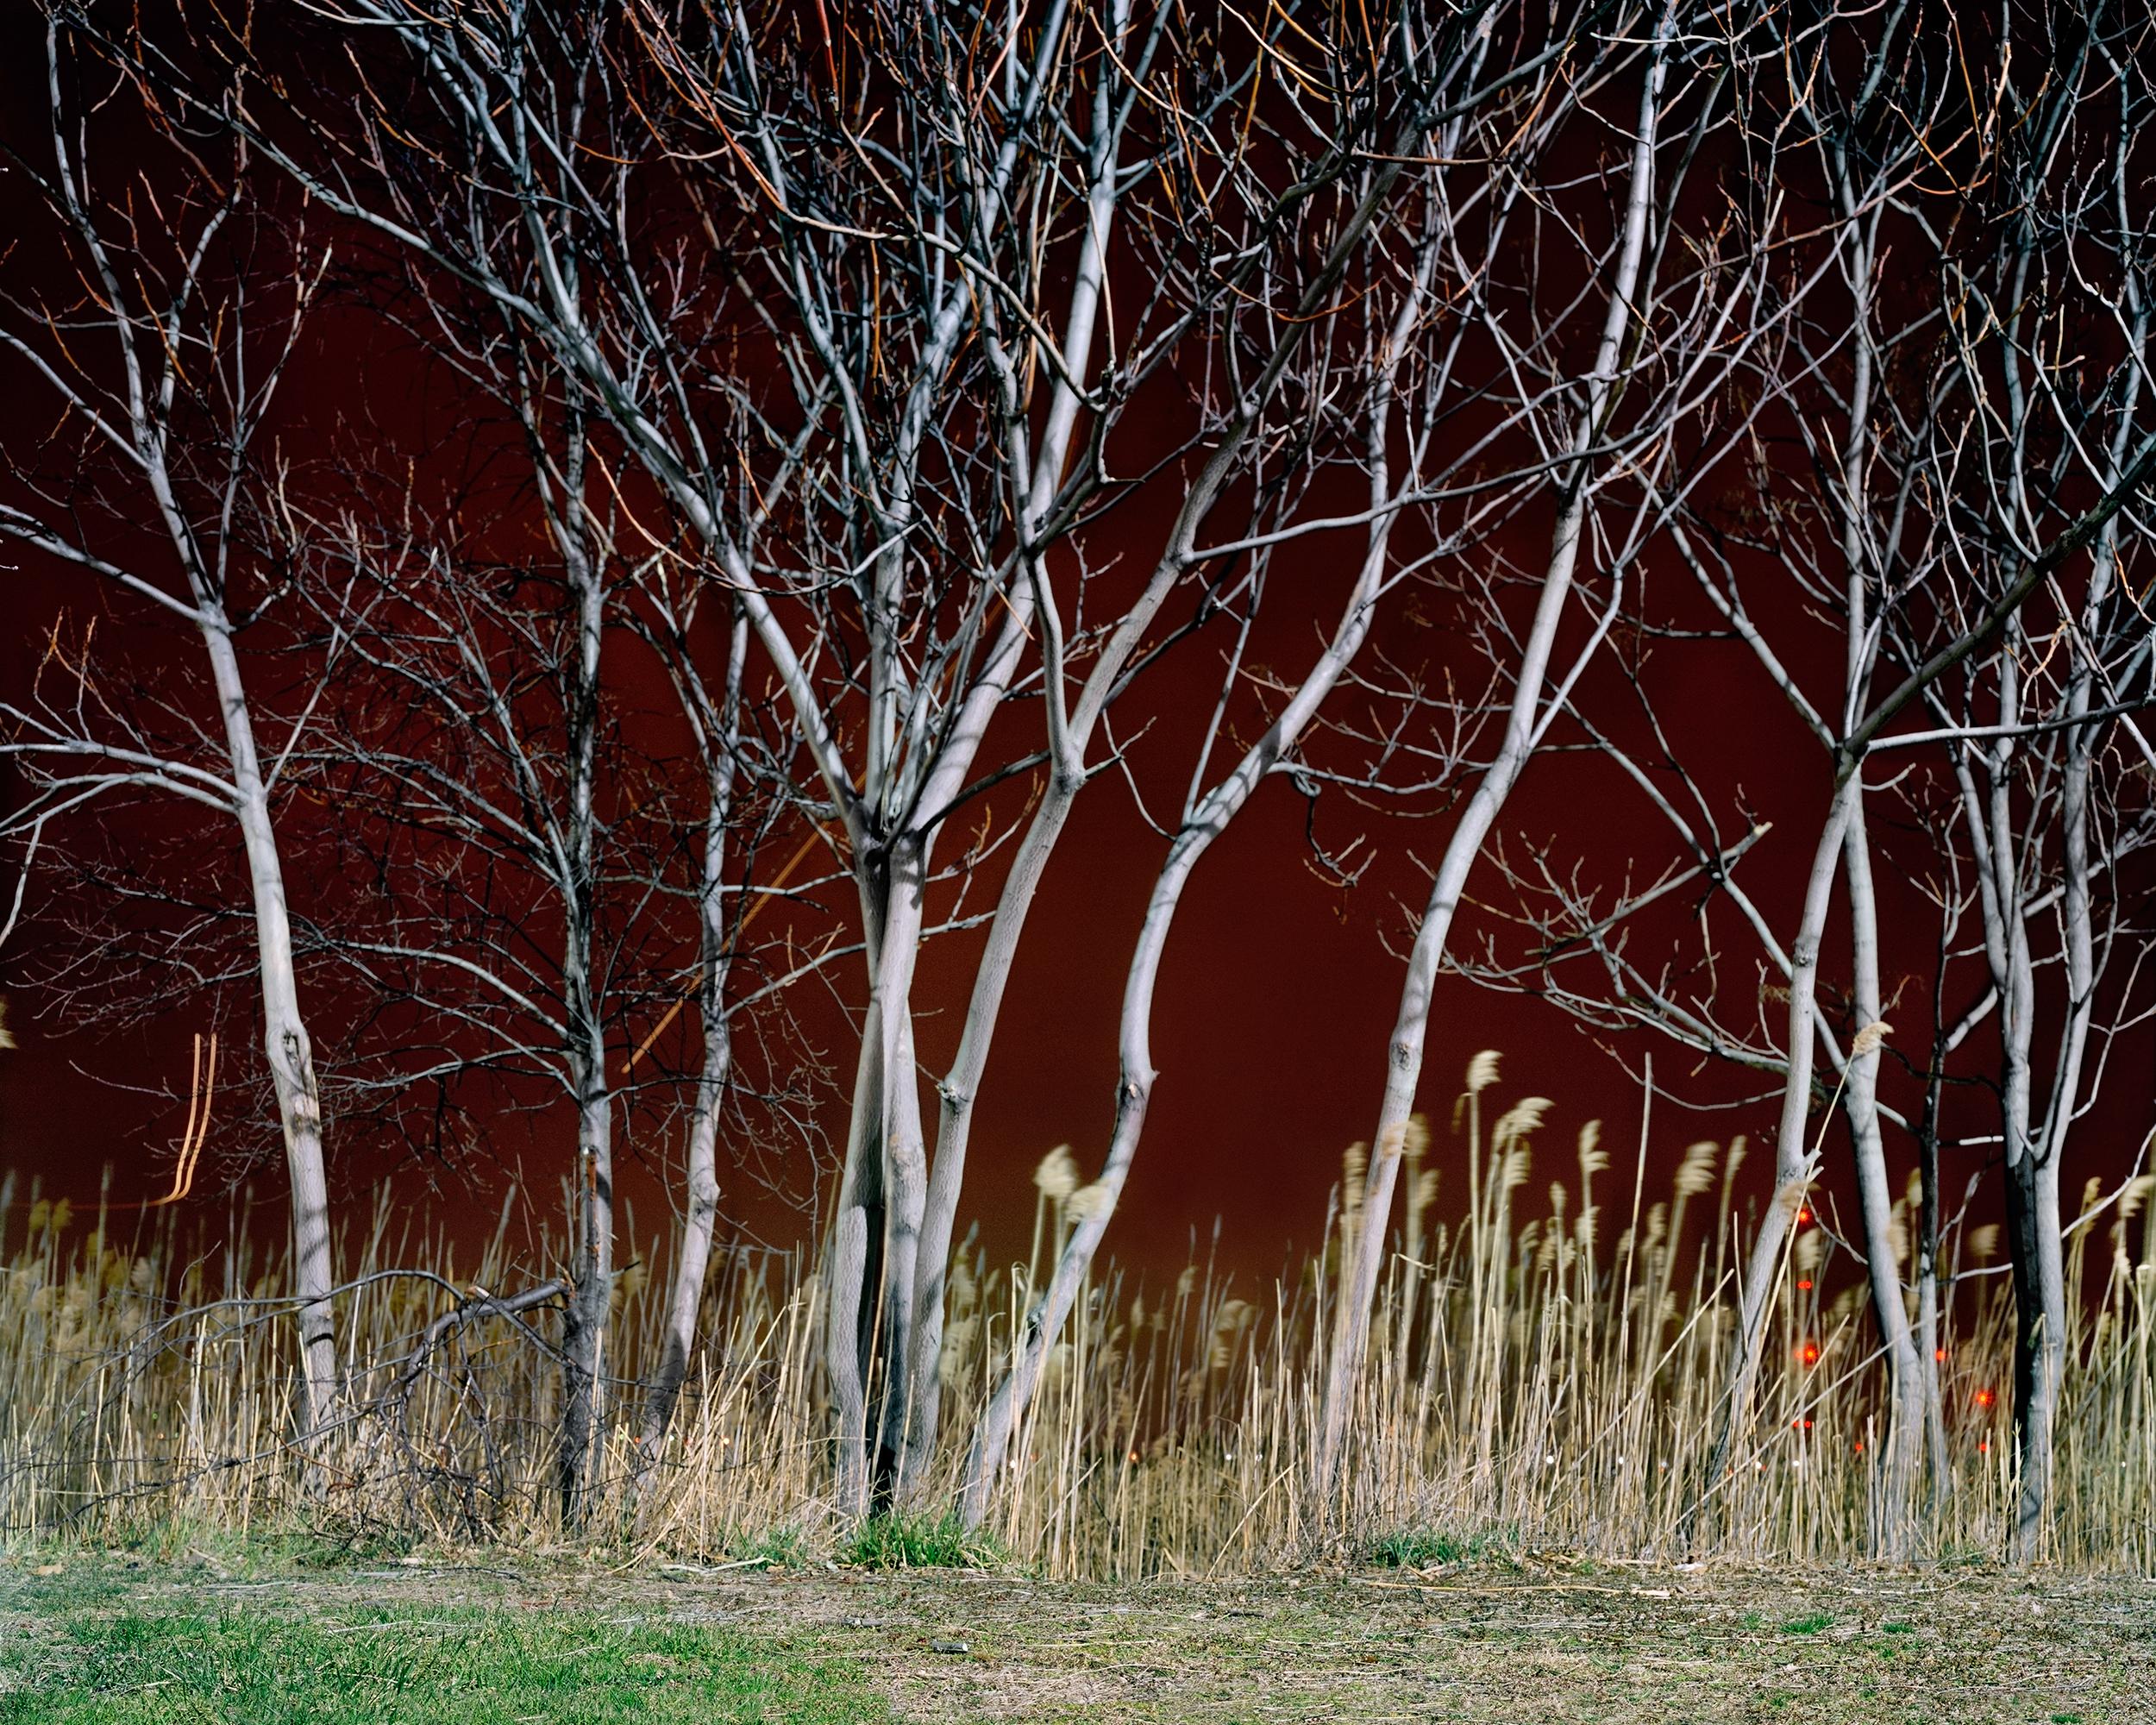 Meadowlands No. 2